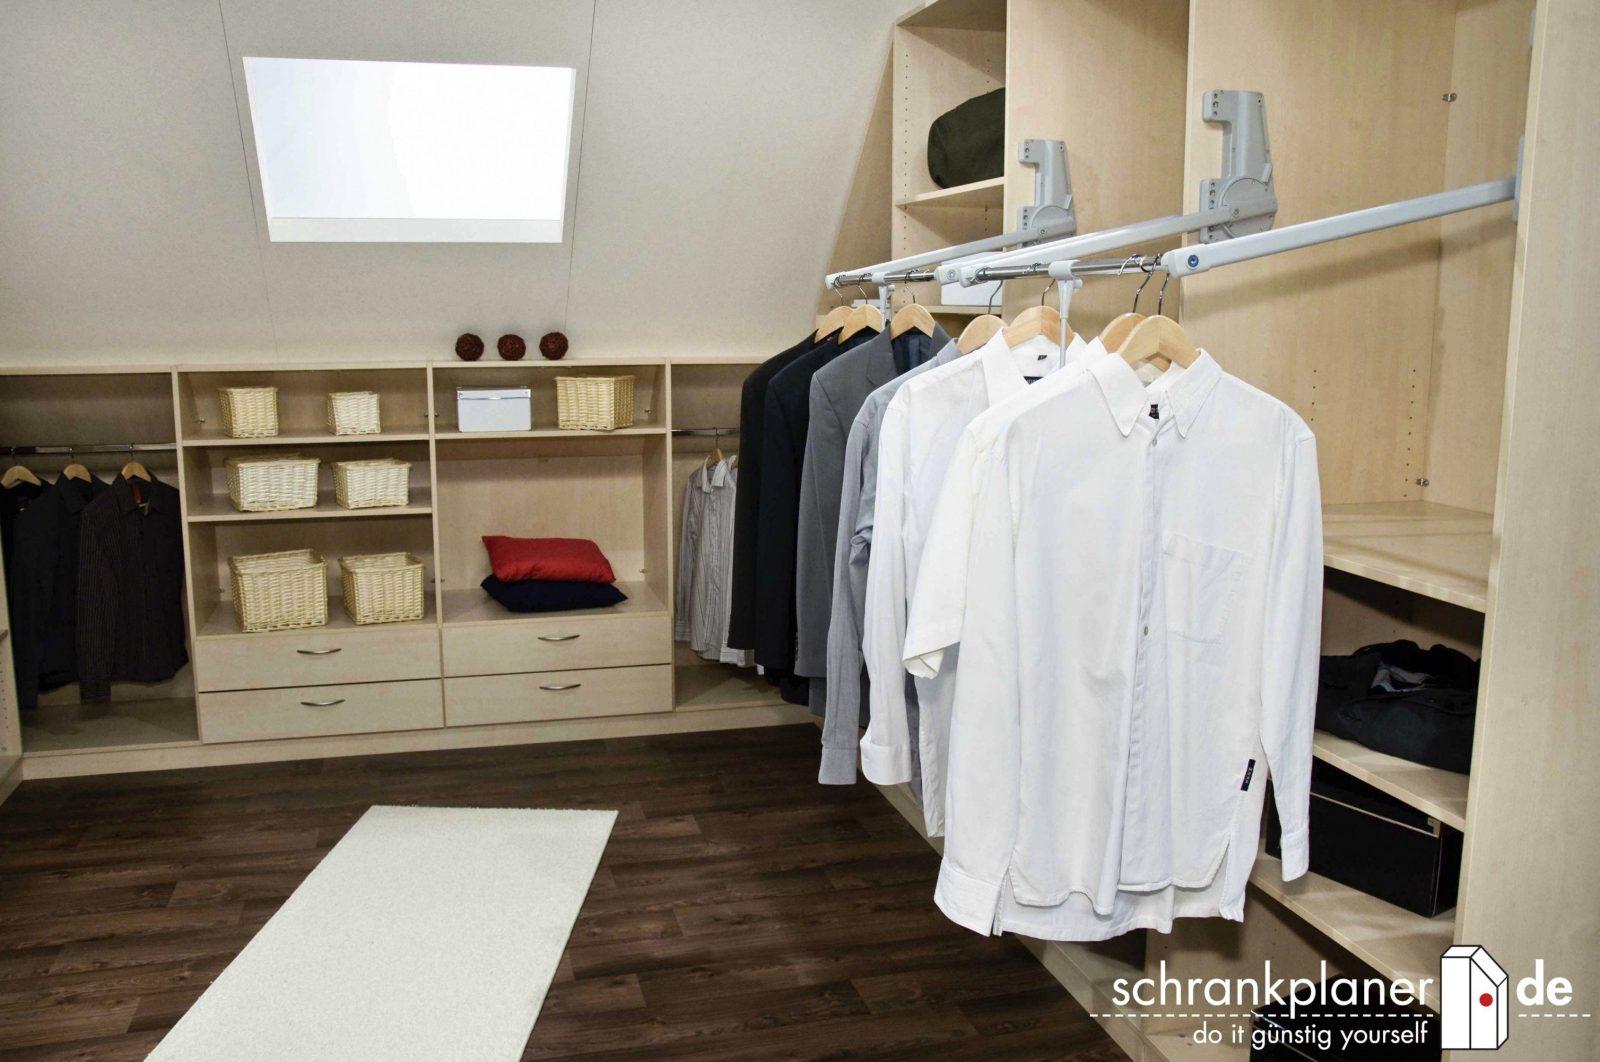 Beliebt Schön Begehbarer Kleiderschrank Selber Bauen Anleitung von Begehbarer Kleiderschrank Selber Bauen Anleitung Bild